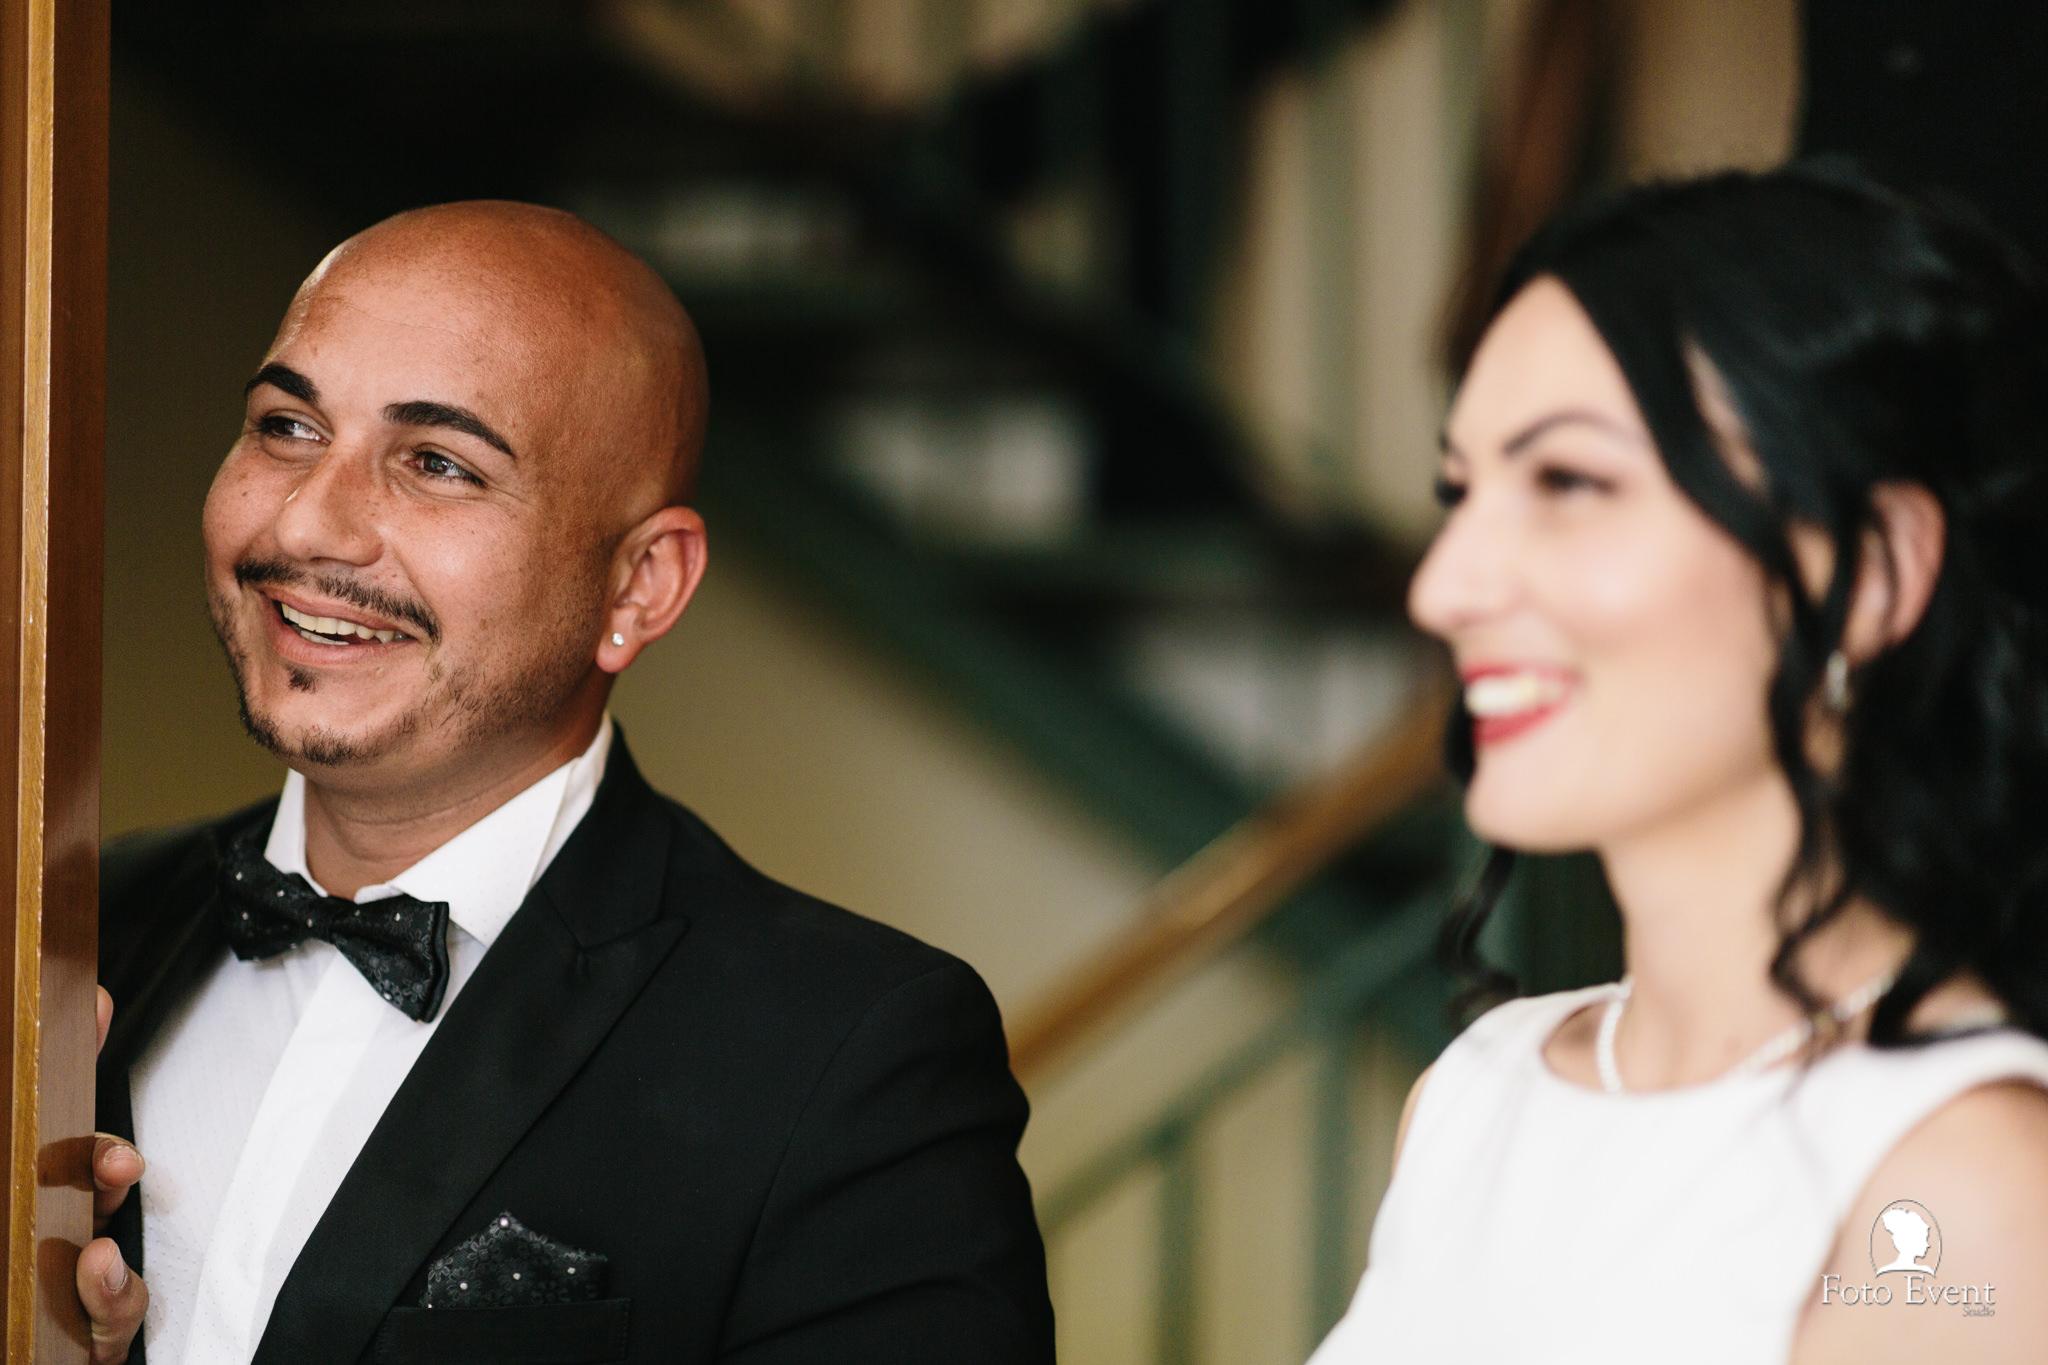 004-2019-06-12-Matrimonio-Rosa-e-Angelo-Ripellino-85mm-040